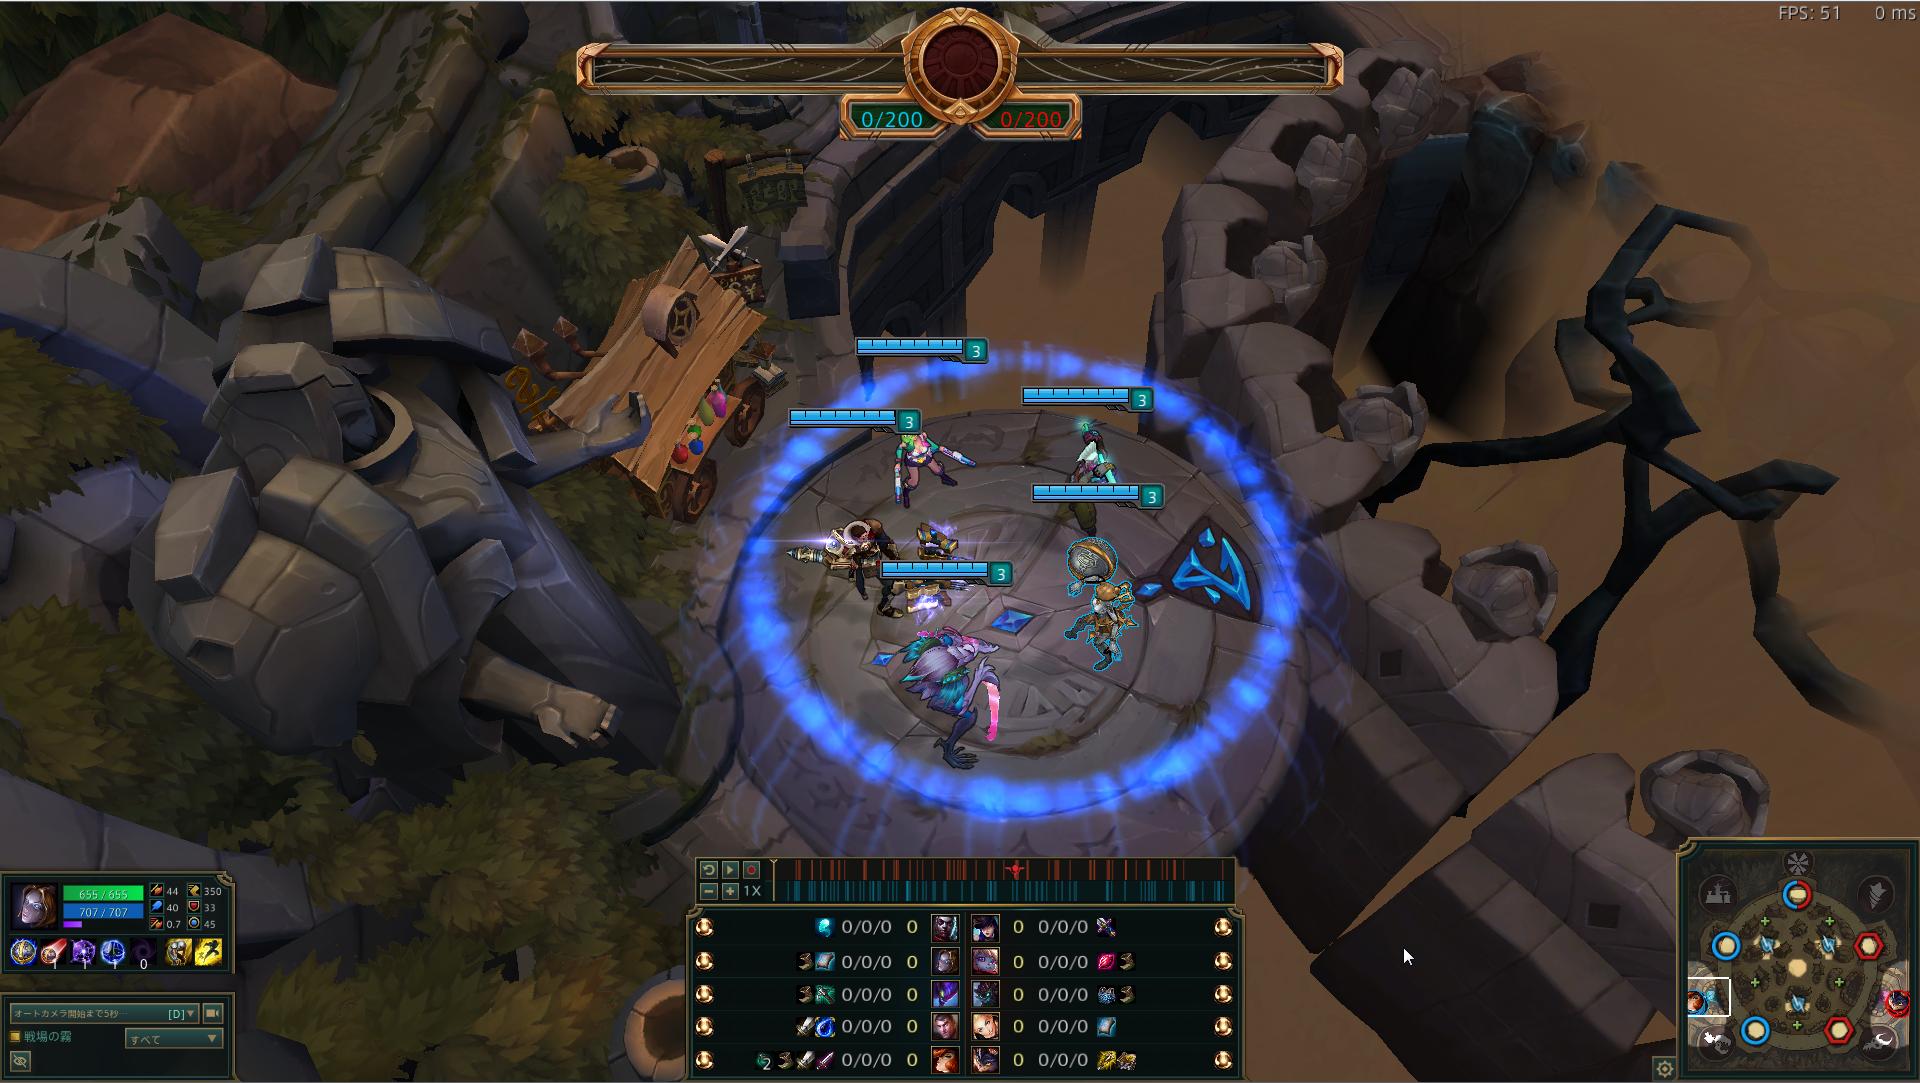 ポンコツライター、 アセンションで遊ぶ。 | League of Legends